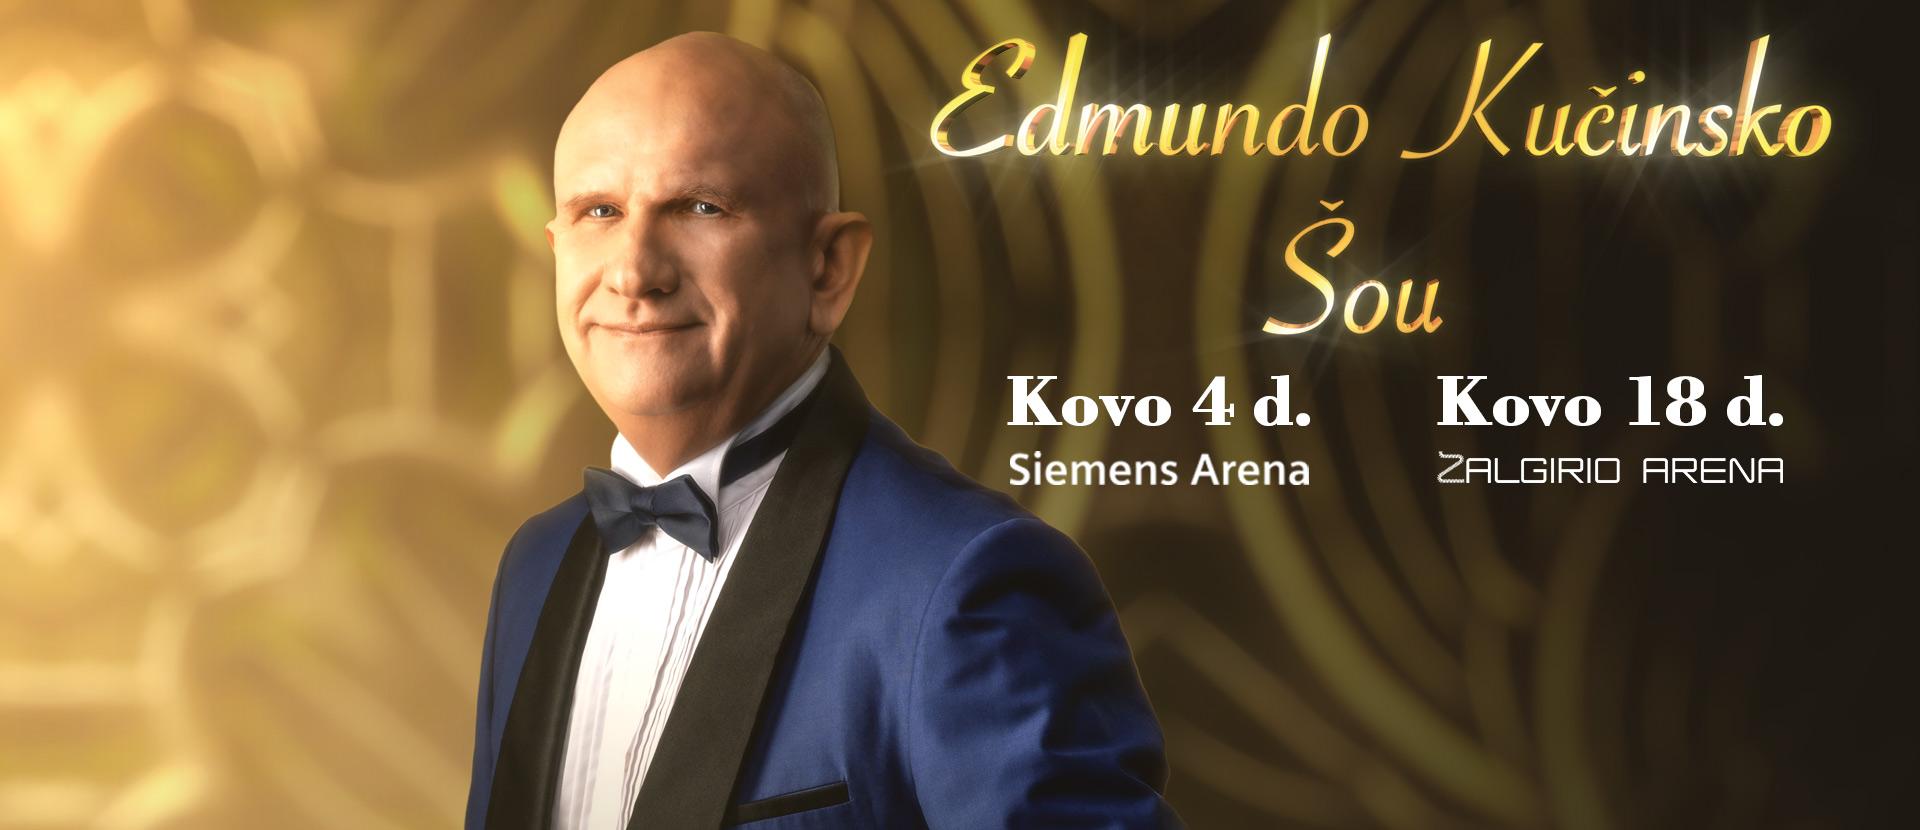 Edmundo Kučinsko šou